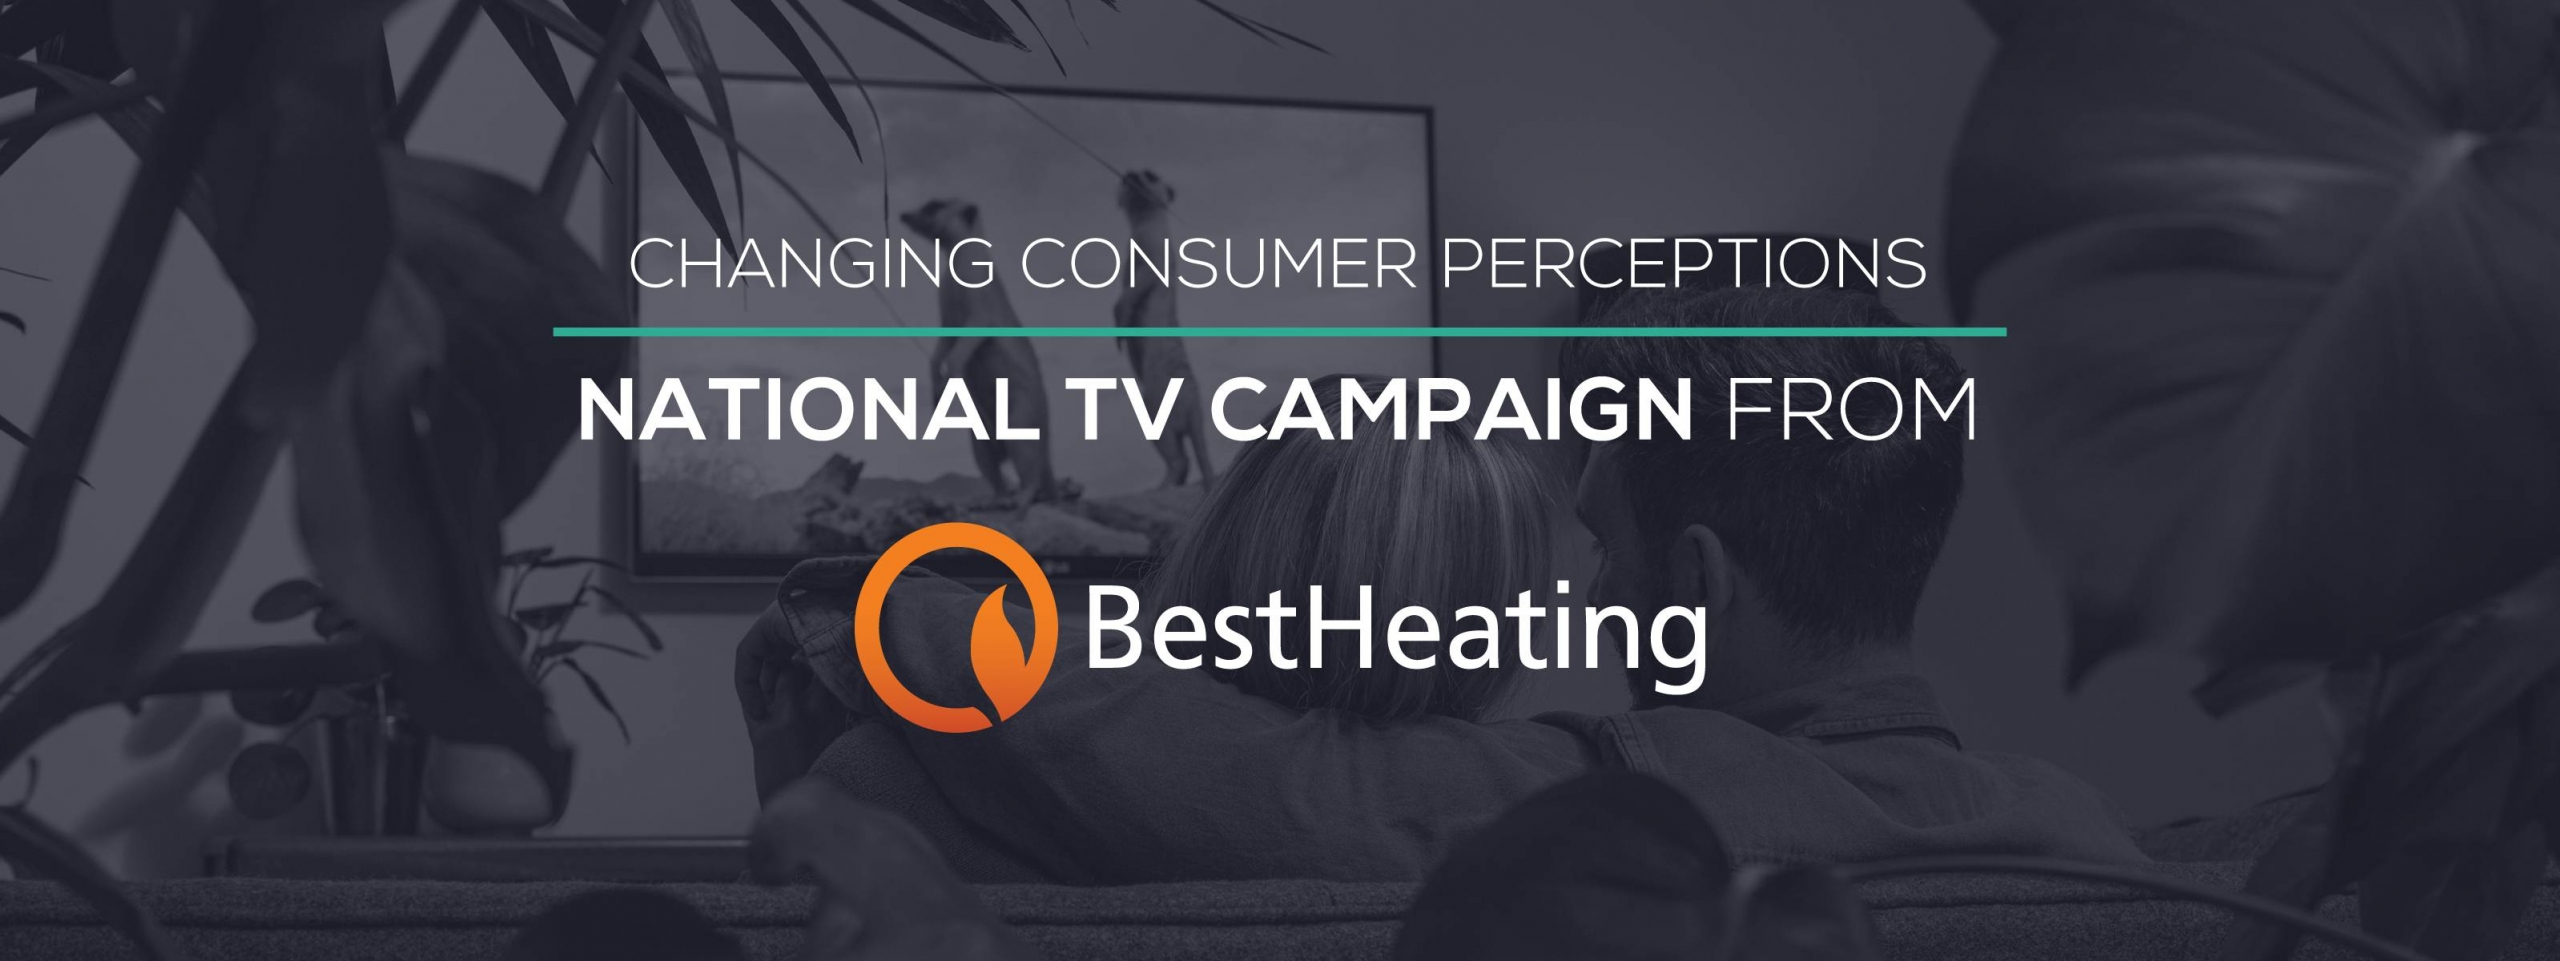 consumer perceptions blog header